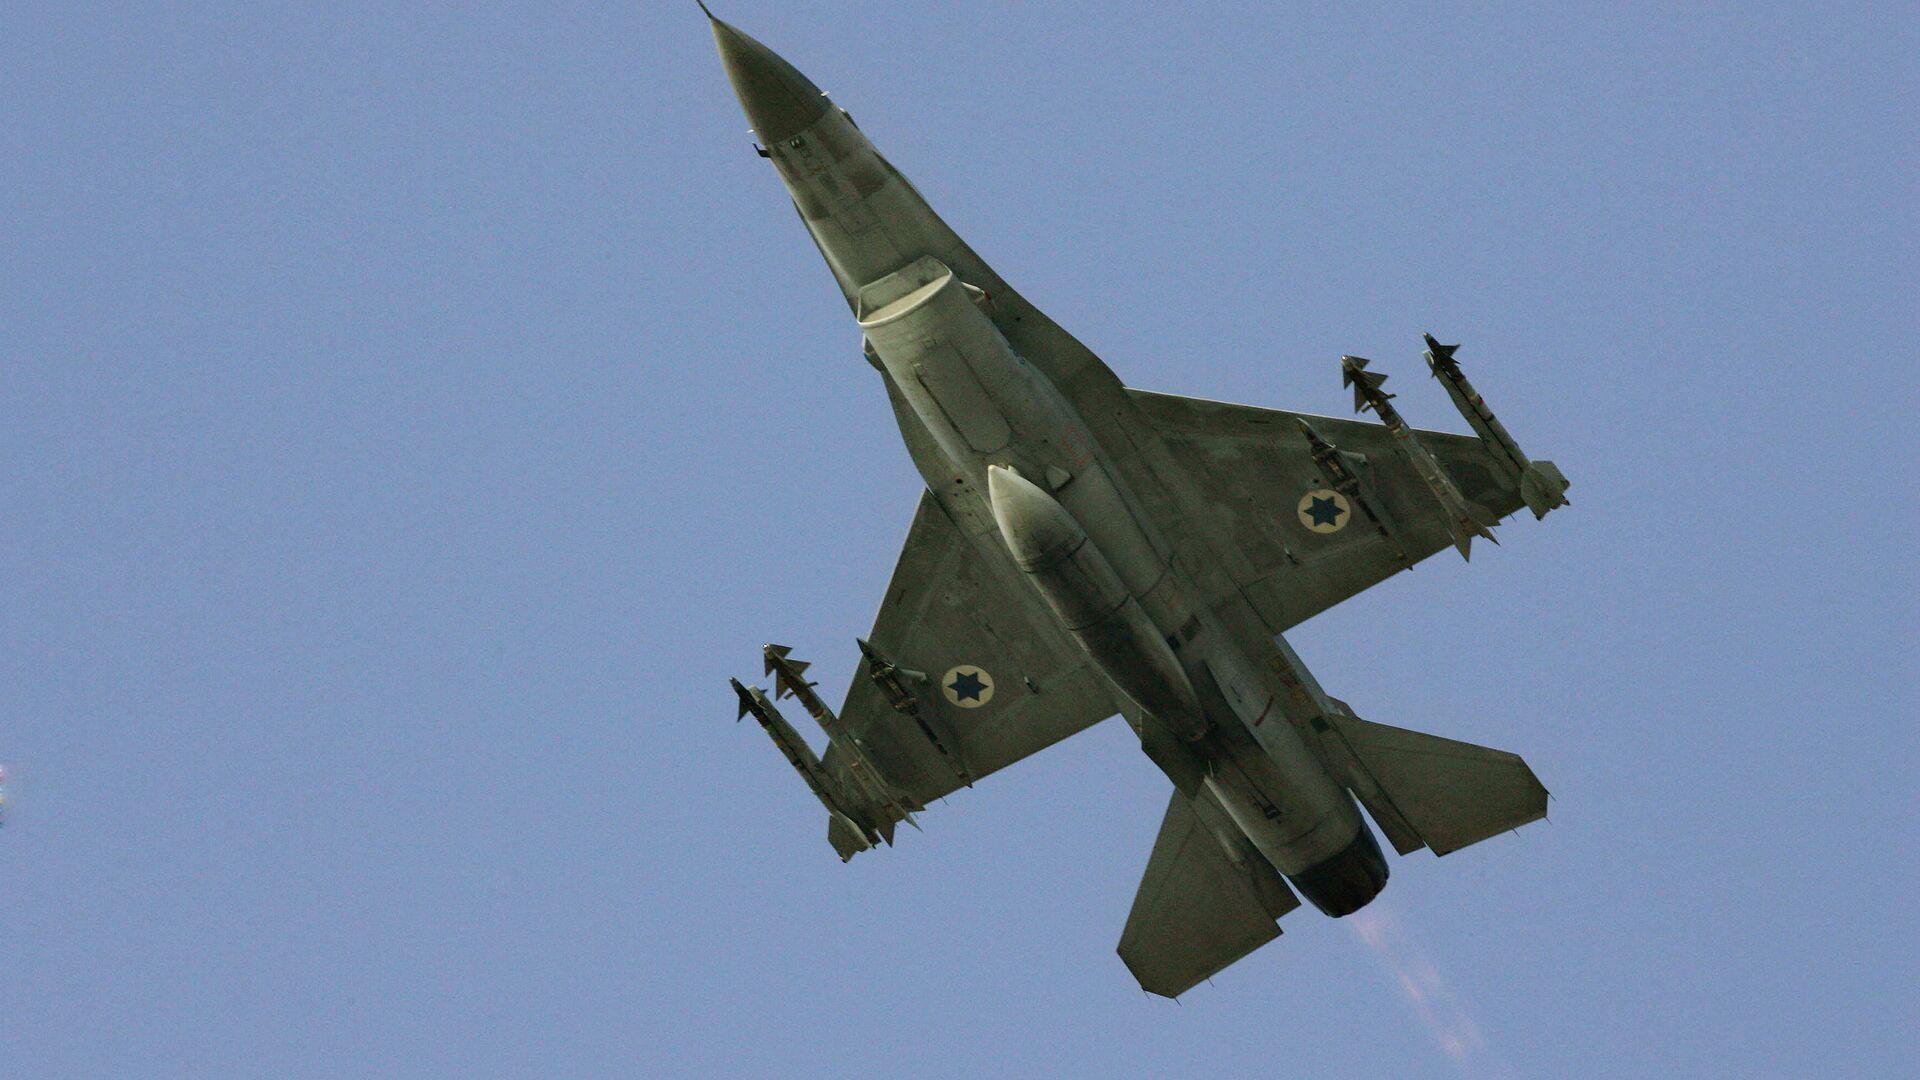 Caccia F16 delle forze armate israeliane - Sputnik Italia, 1920, 24.06.2021